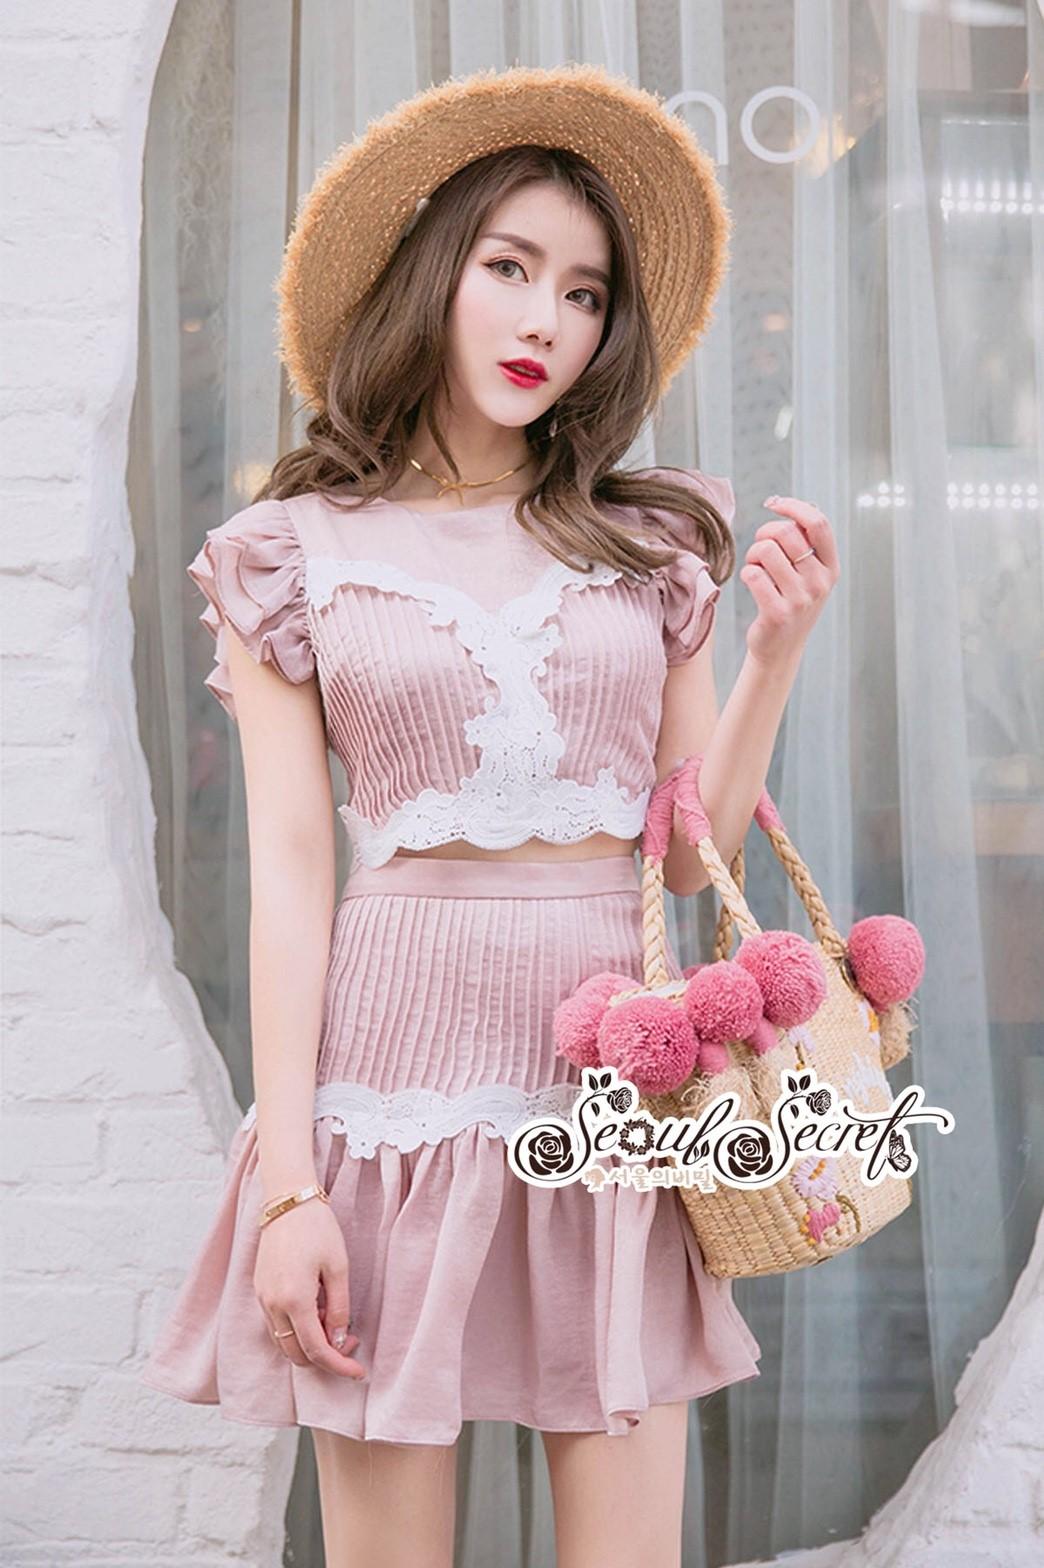 ชุดเซทแฟชั่น งานเซ็ทกระโปรงสวยหวานโทนสีชมพูนู๊ท เสื้อทรงครอป